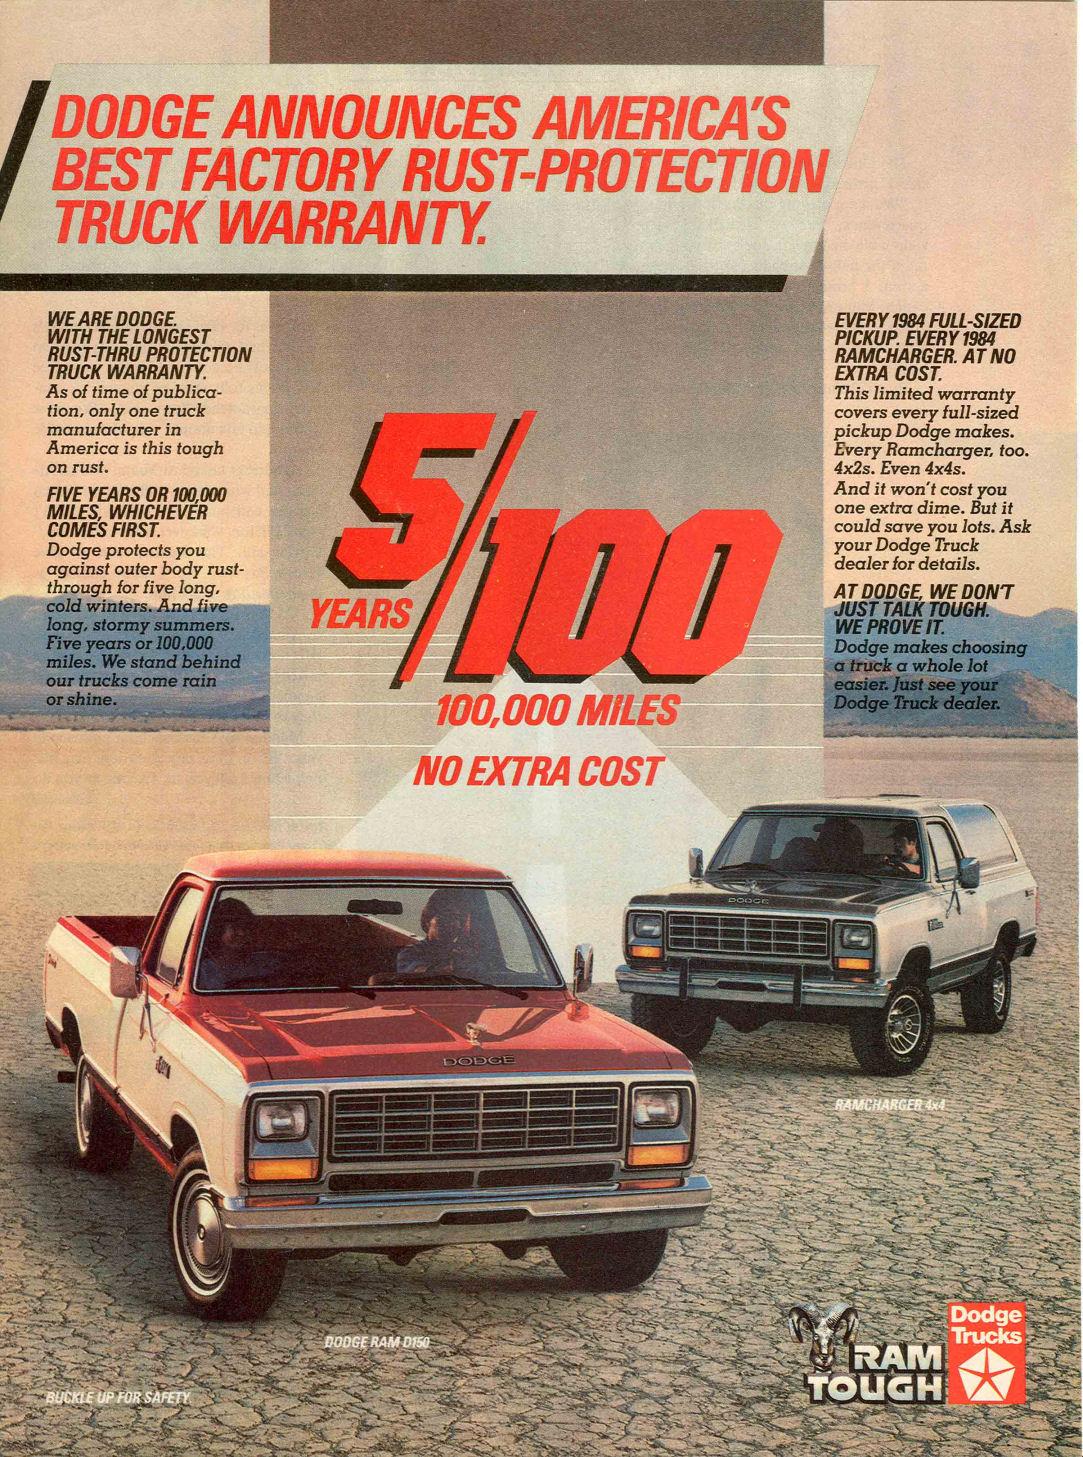 1984 dodge truck ad 01